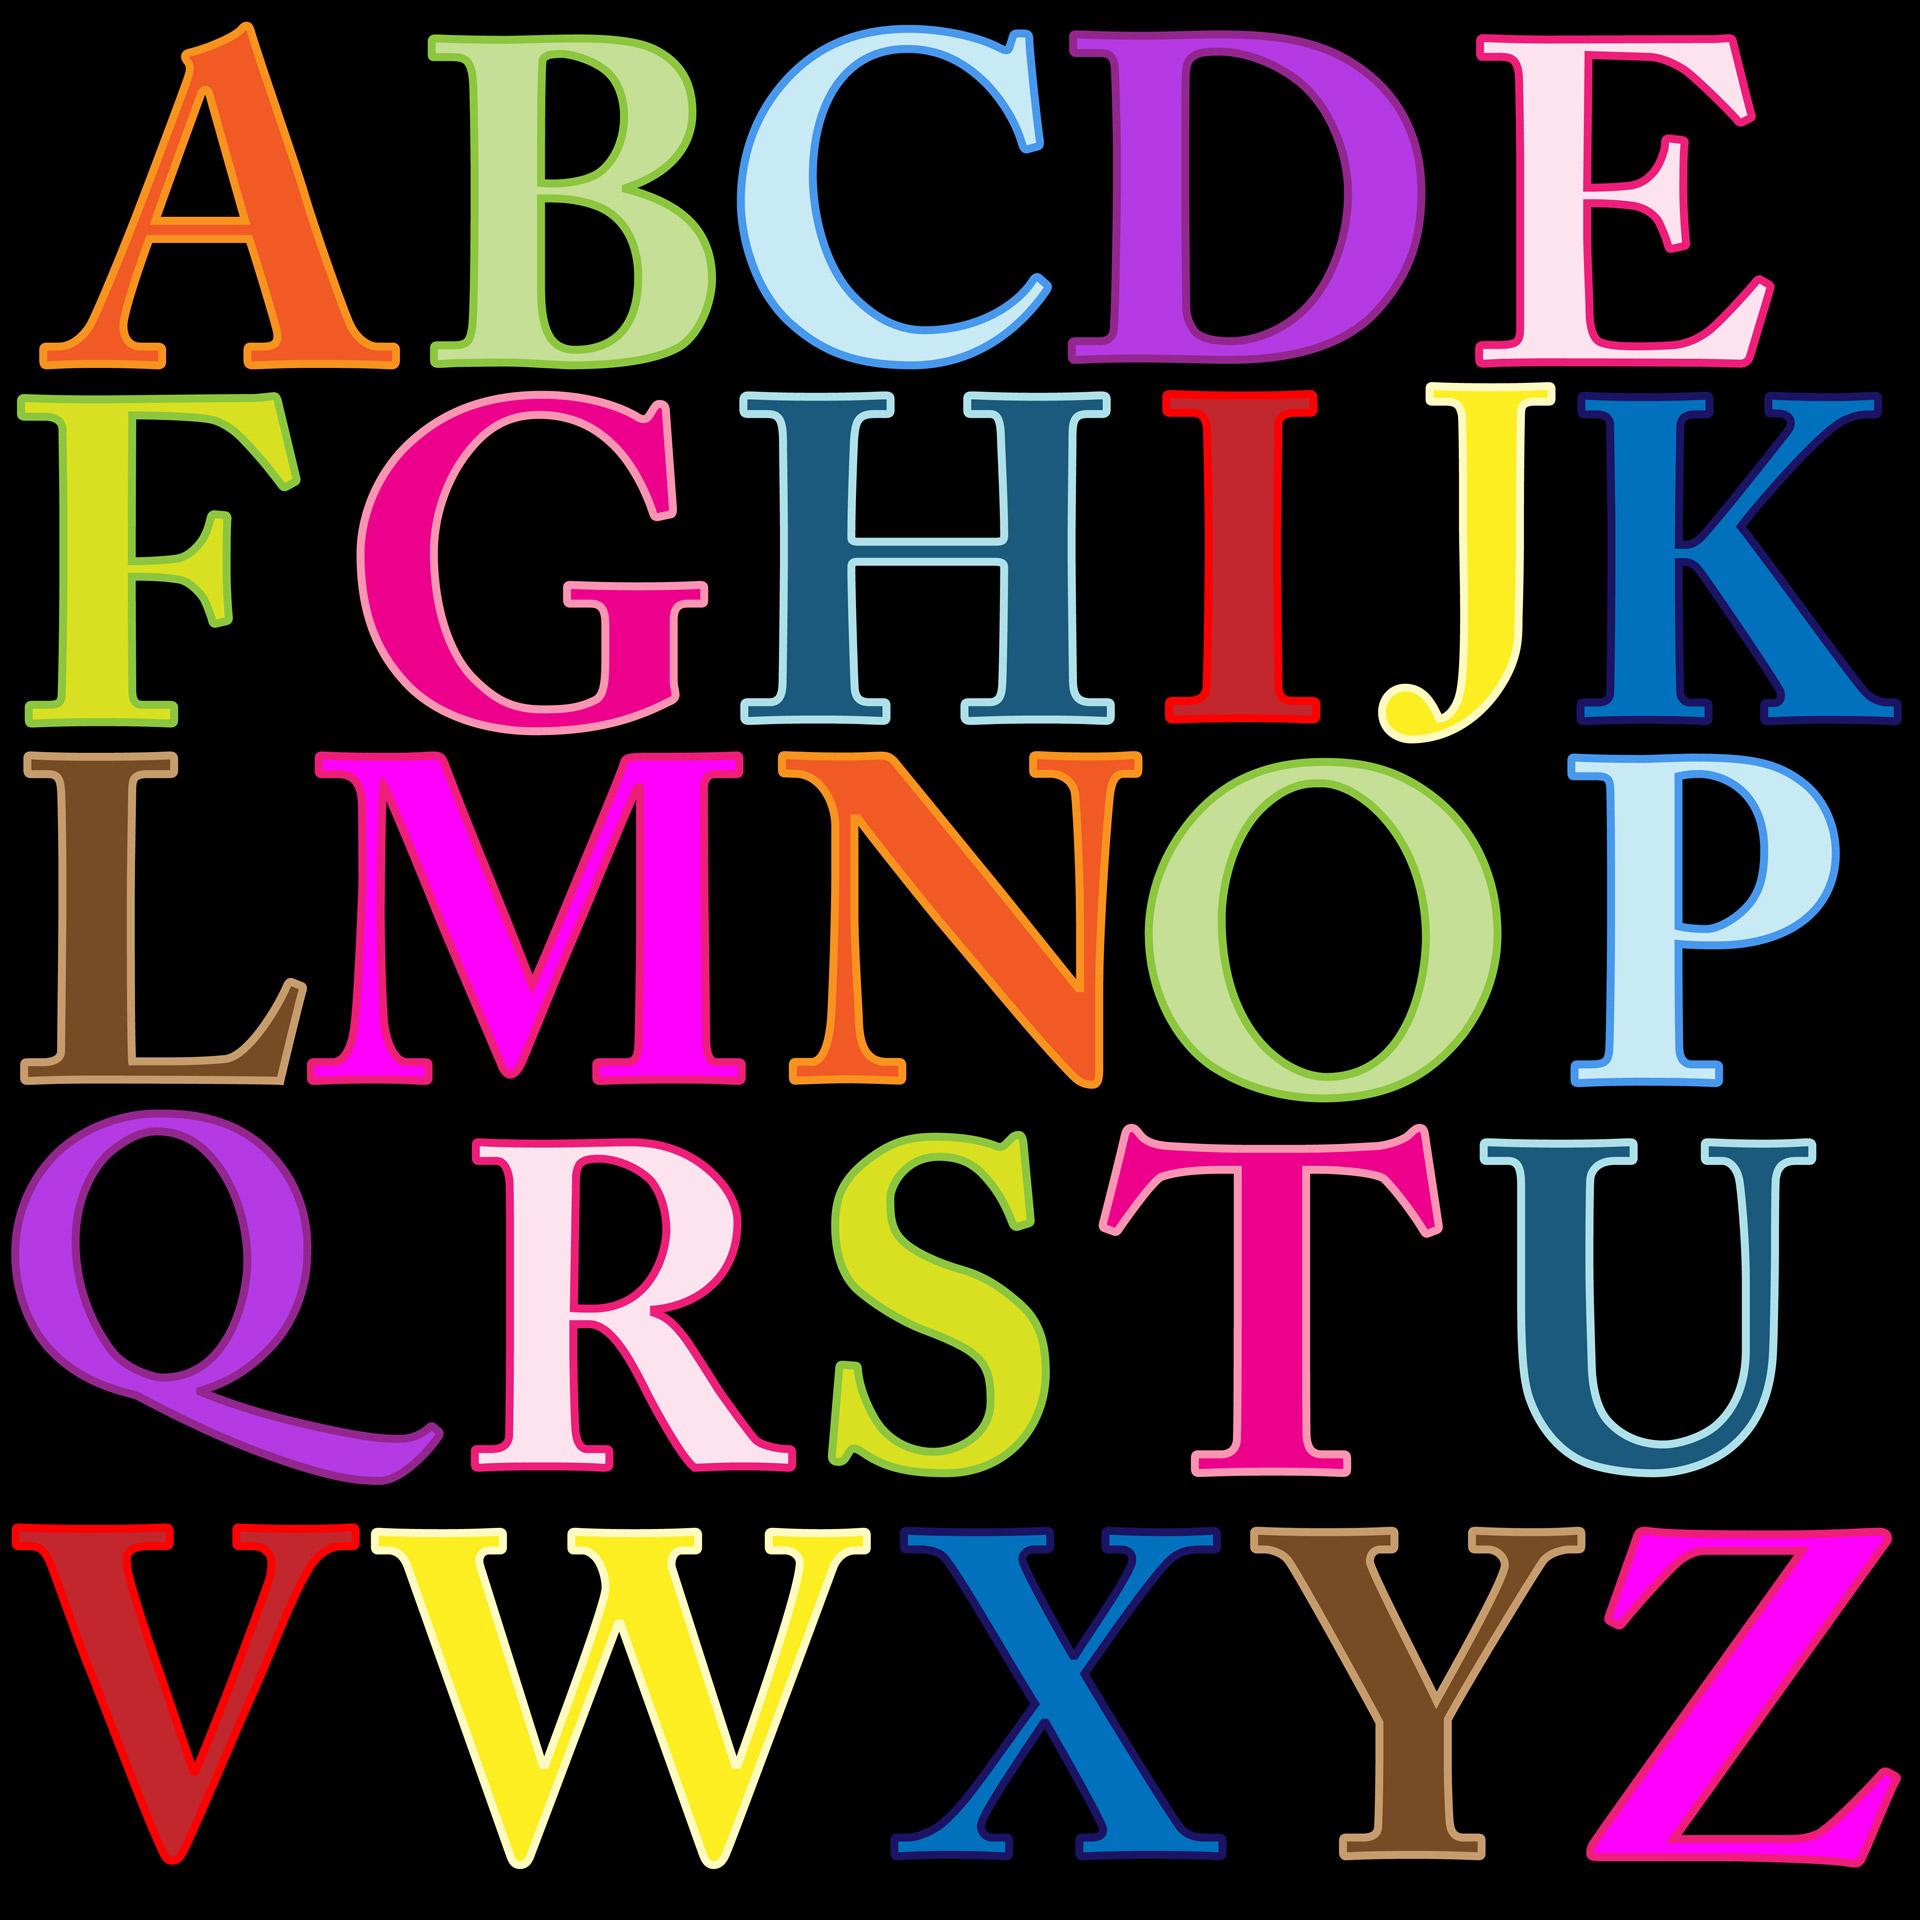 Alphabet Letters Clip-art-Alphabet Letters Clip-art-6